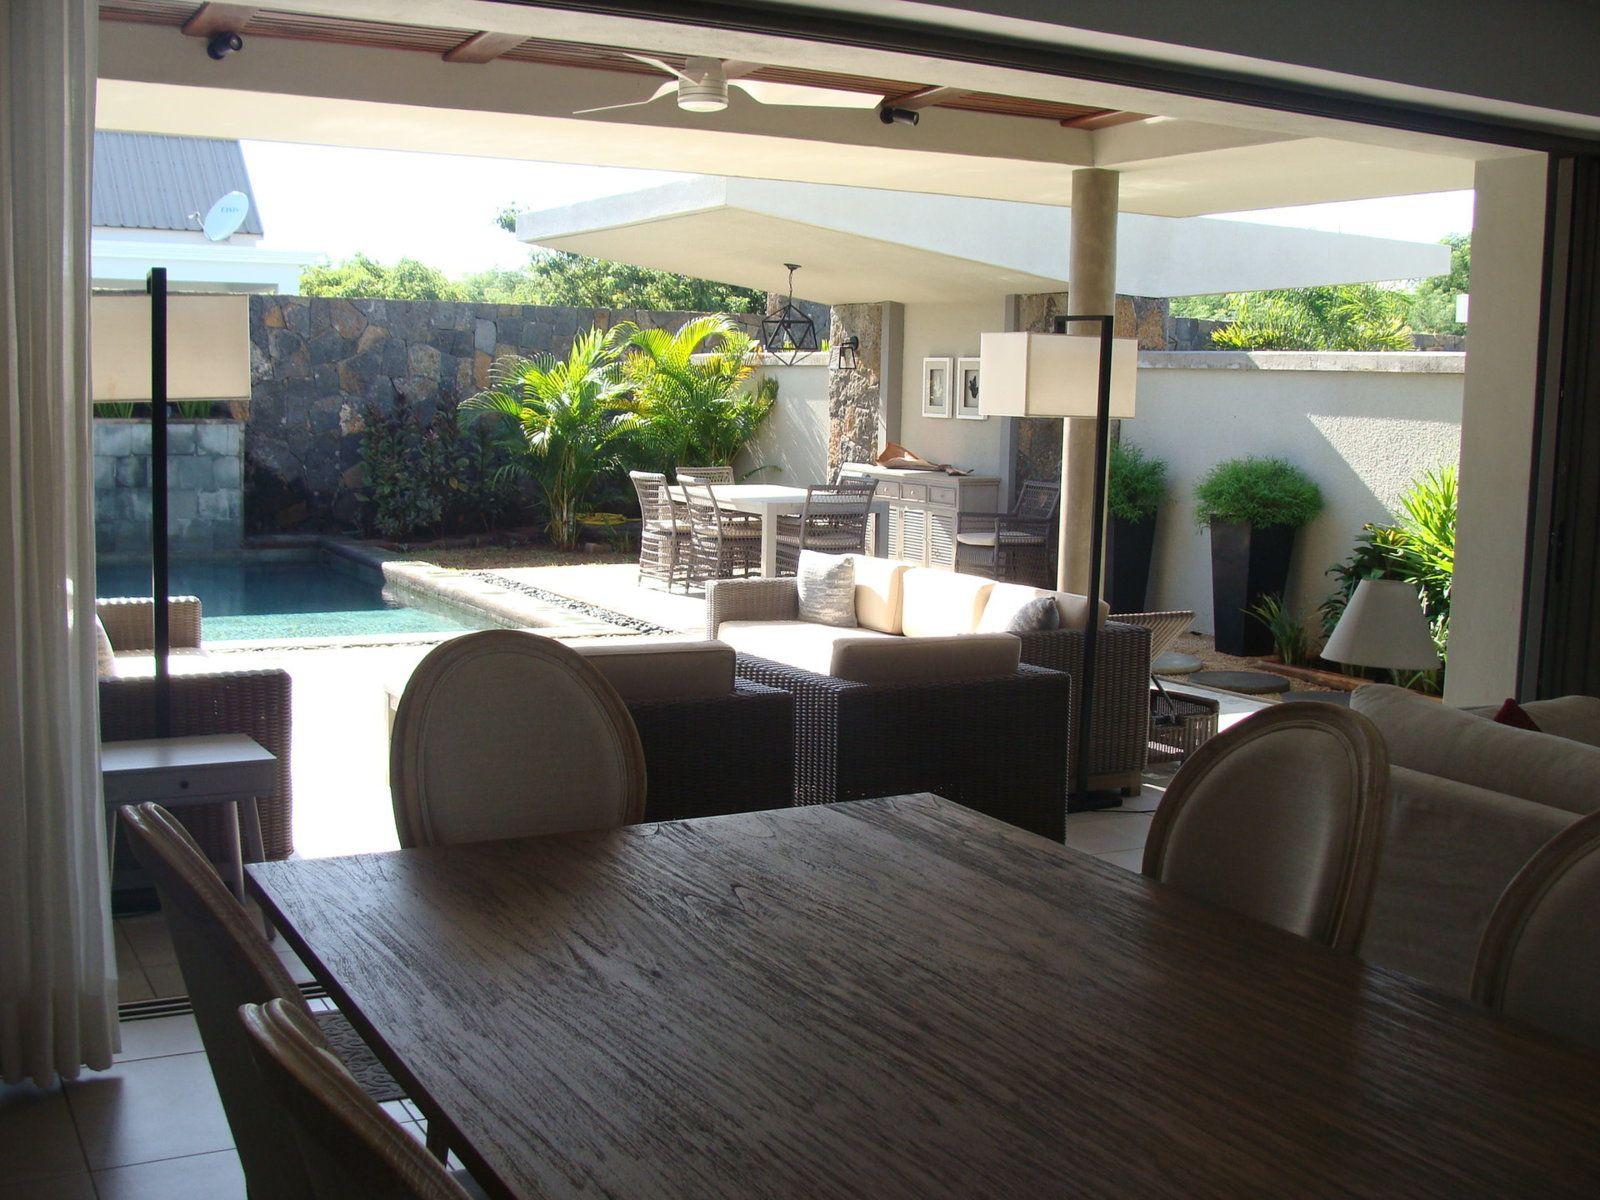 Maison à louer 4 380m2 à Ile Maurice vignette-3